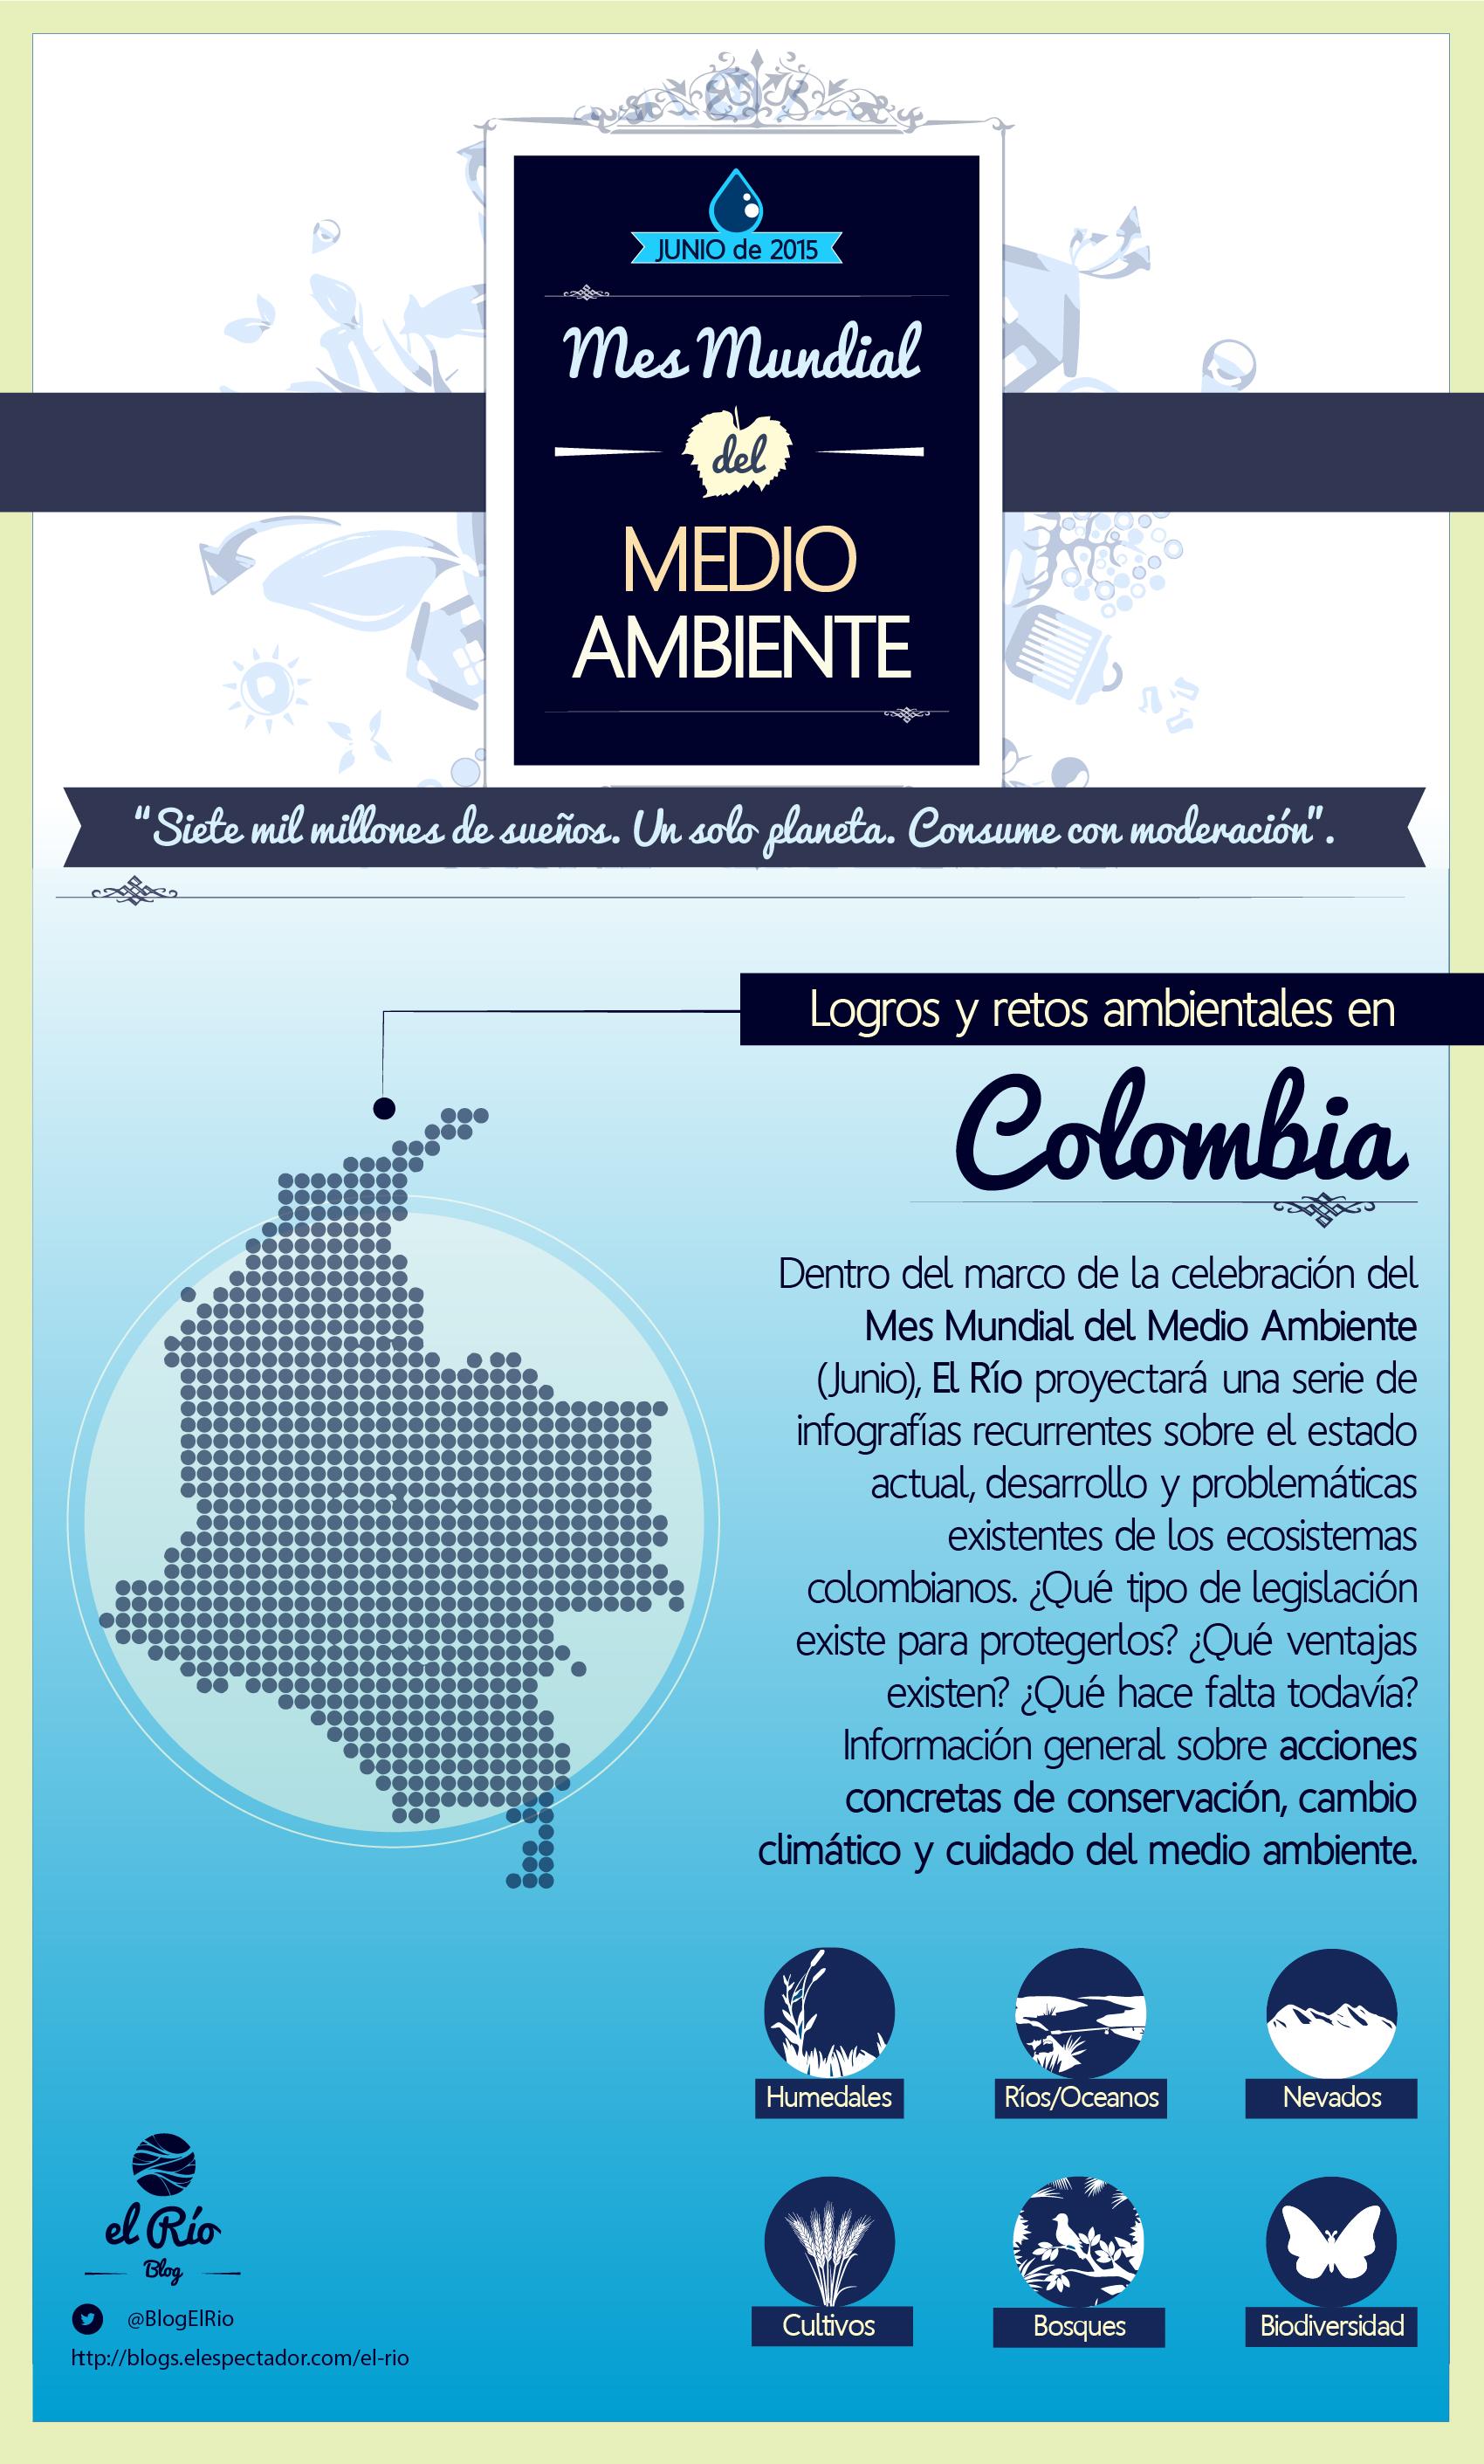 InfografíaDiaMundialDelMedioAmbienteIntro-01